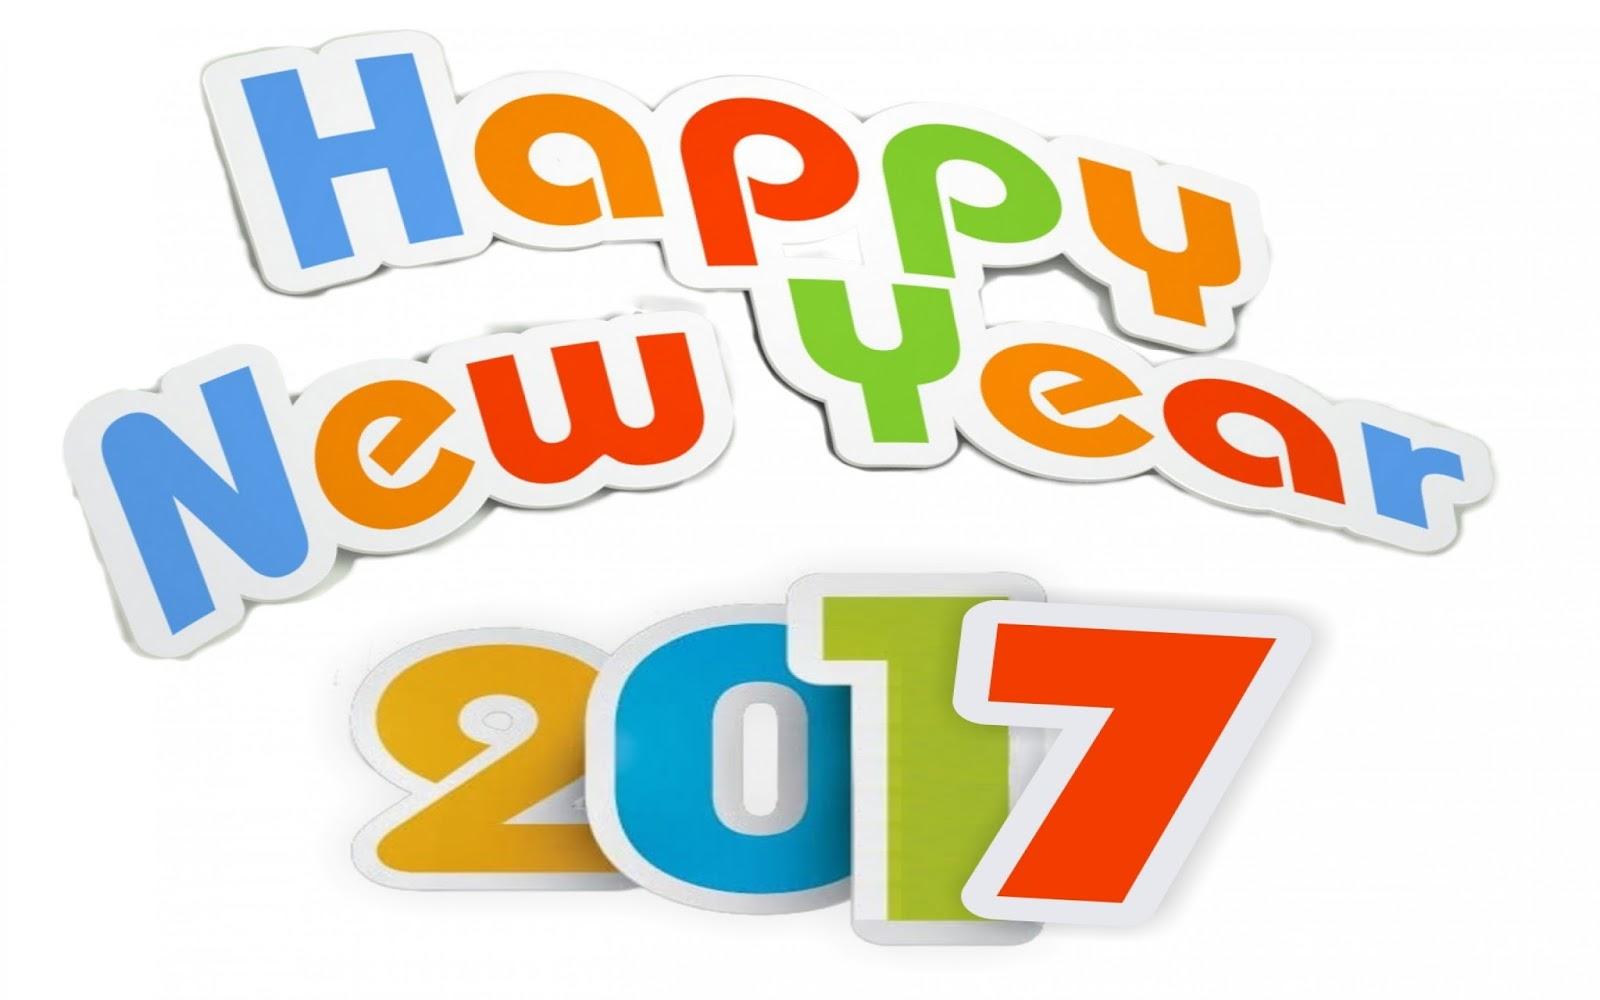 خلفيات جديدة لراس السنة الميلادية 2017 , اروع الخلفيات للعام الجديد , احدث الرمزيات للعام 2017 new_1479739242_637.j